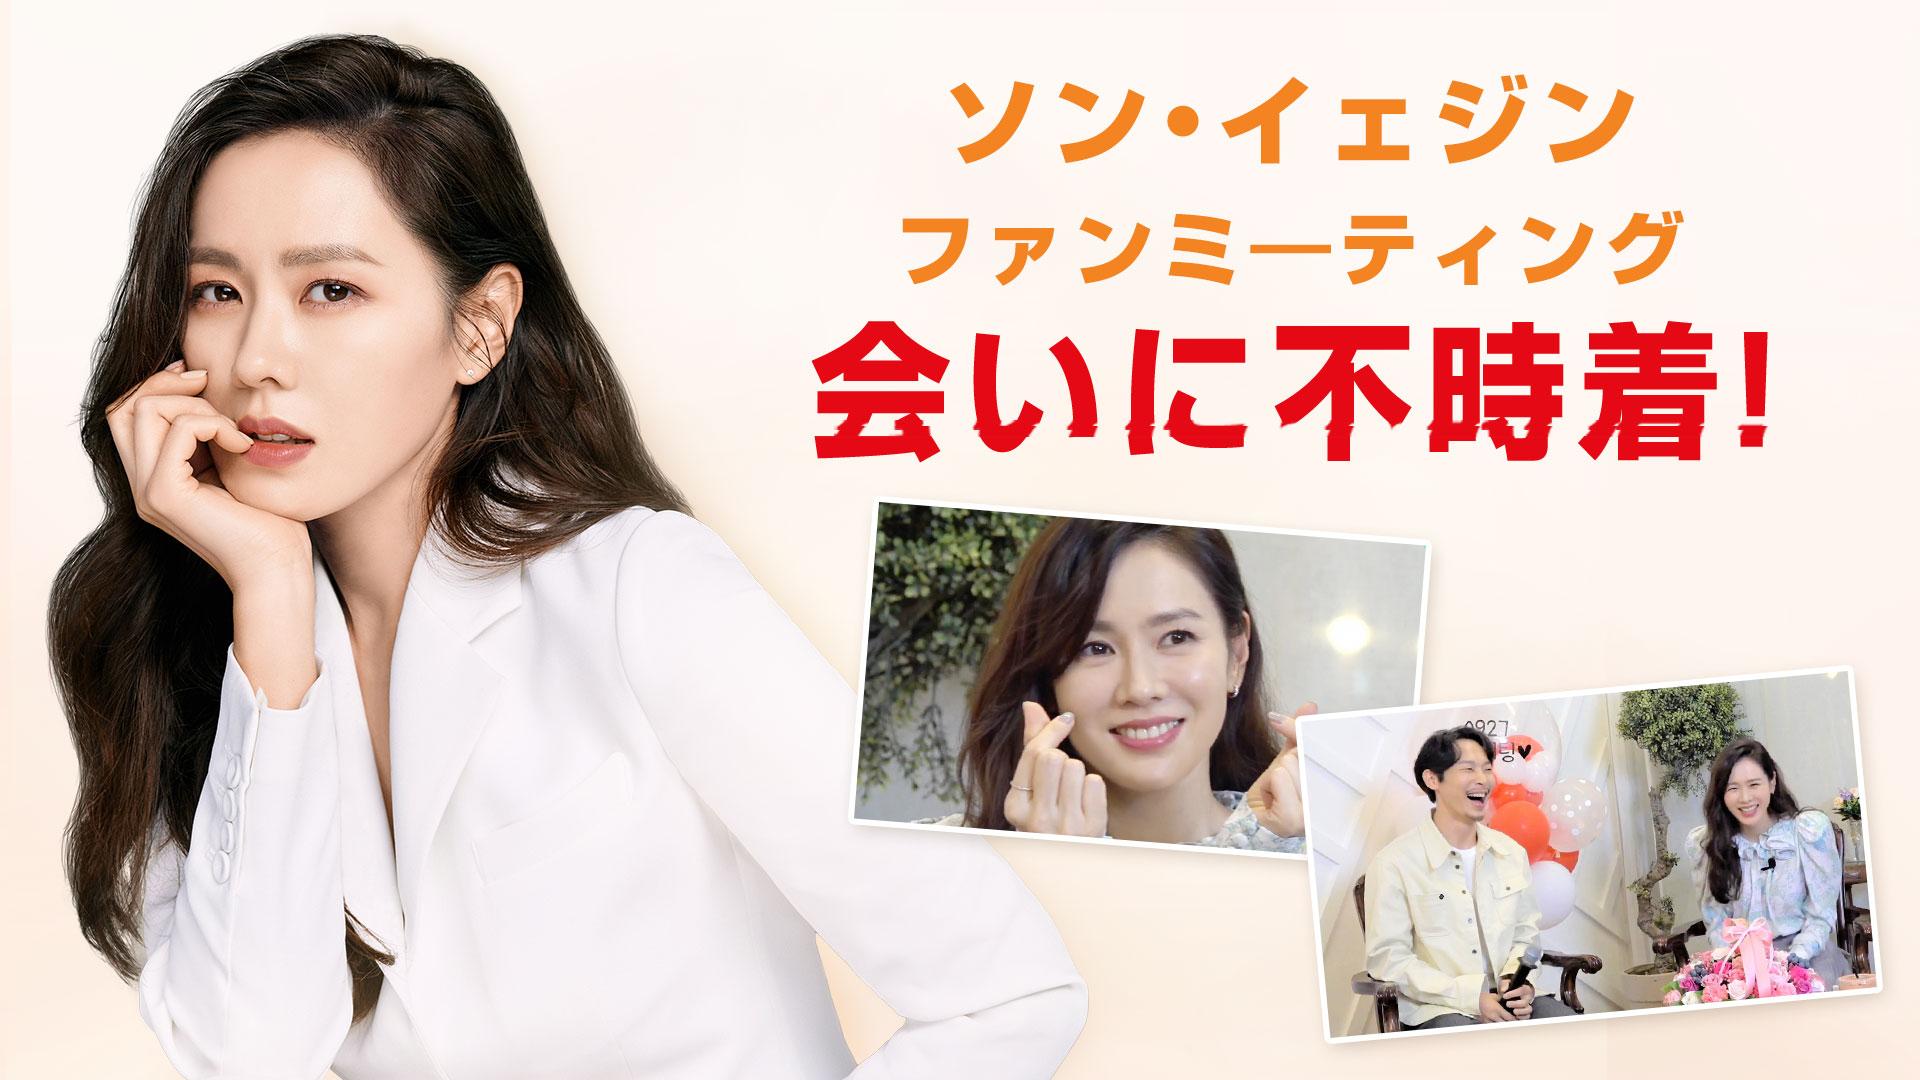 ソン・イェジン オンラインファンミーティング「会いに不時着!」(字幕版)